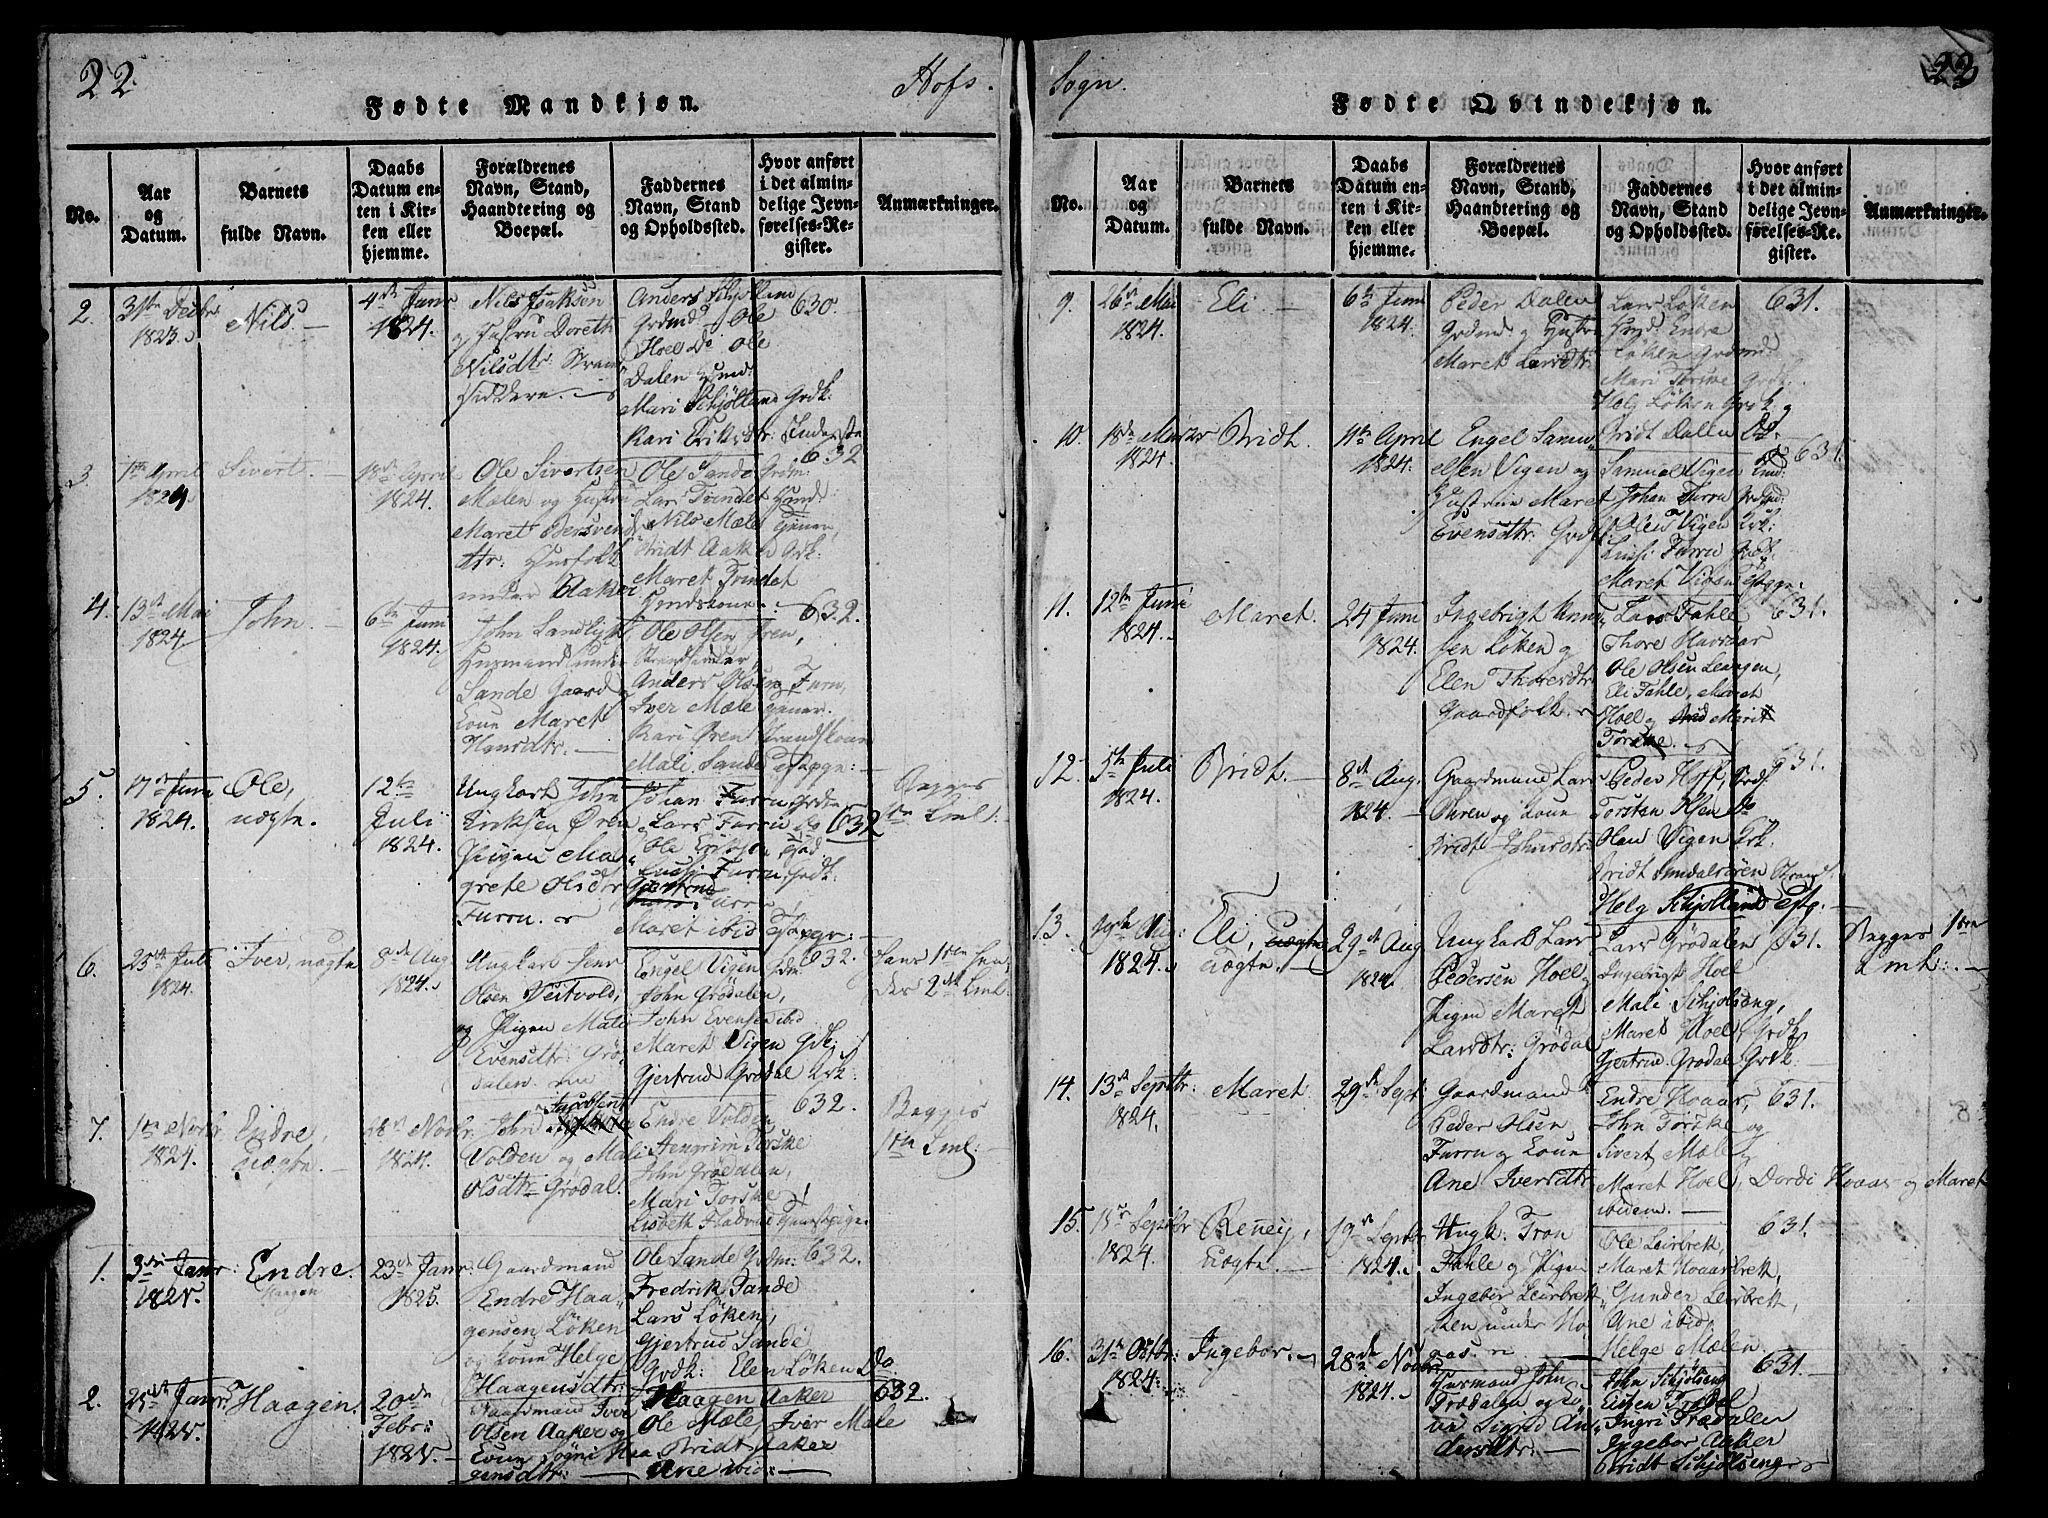 SAT, Ministerialprotokoller, klokkerbøker og fødselsregistre - Møre og Romsdal, 590/L1009: Ministerialbok nr. 590A03 /1, 1819-1832, s. 22-23